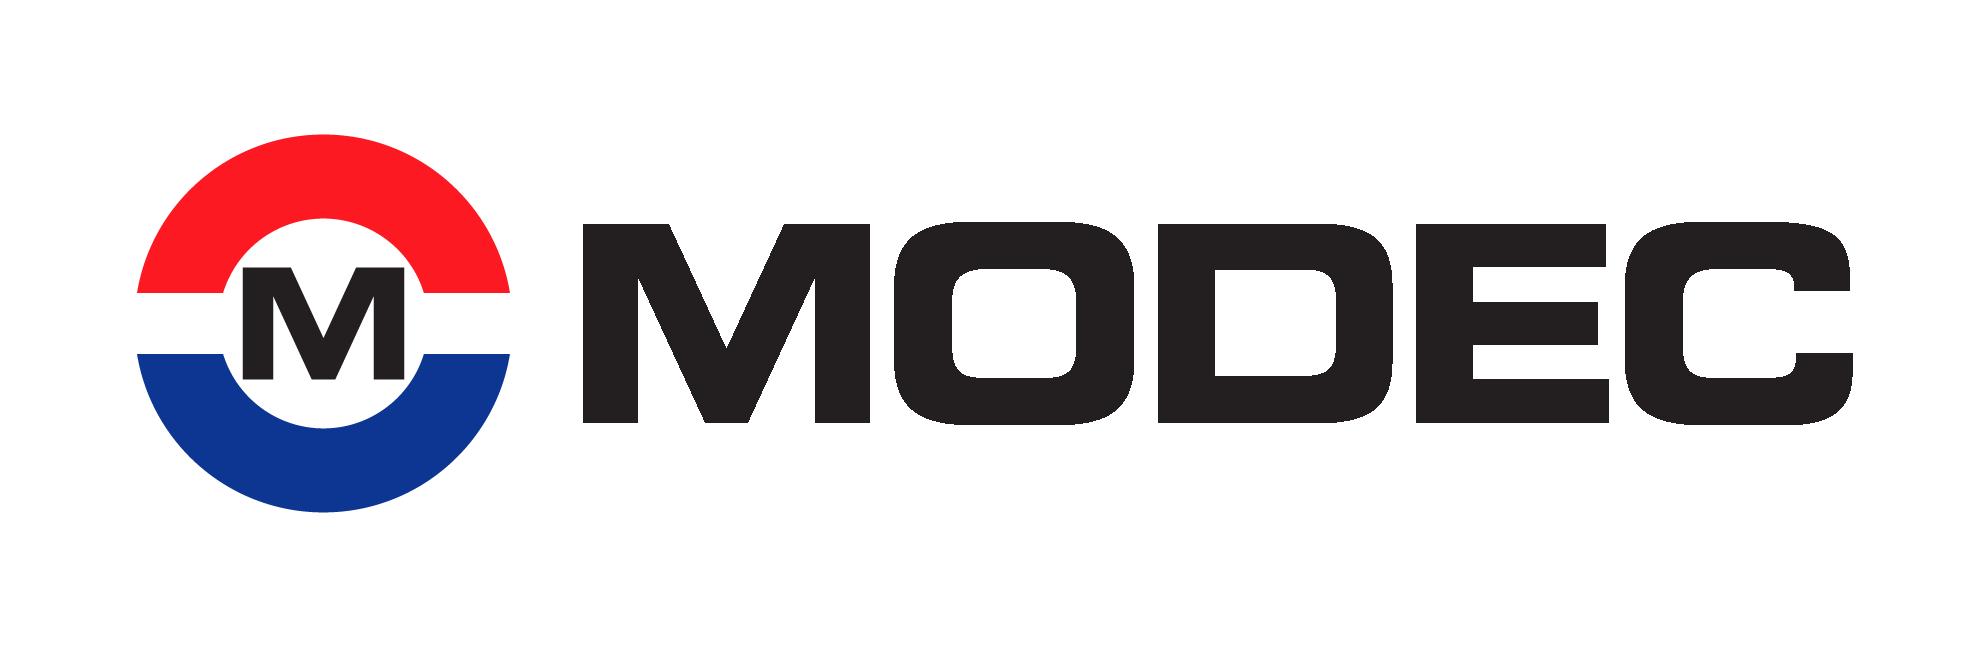 MODEC Management Services Pte. Ltd., New Zealand